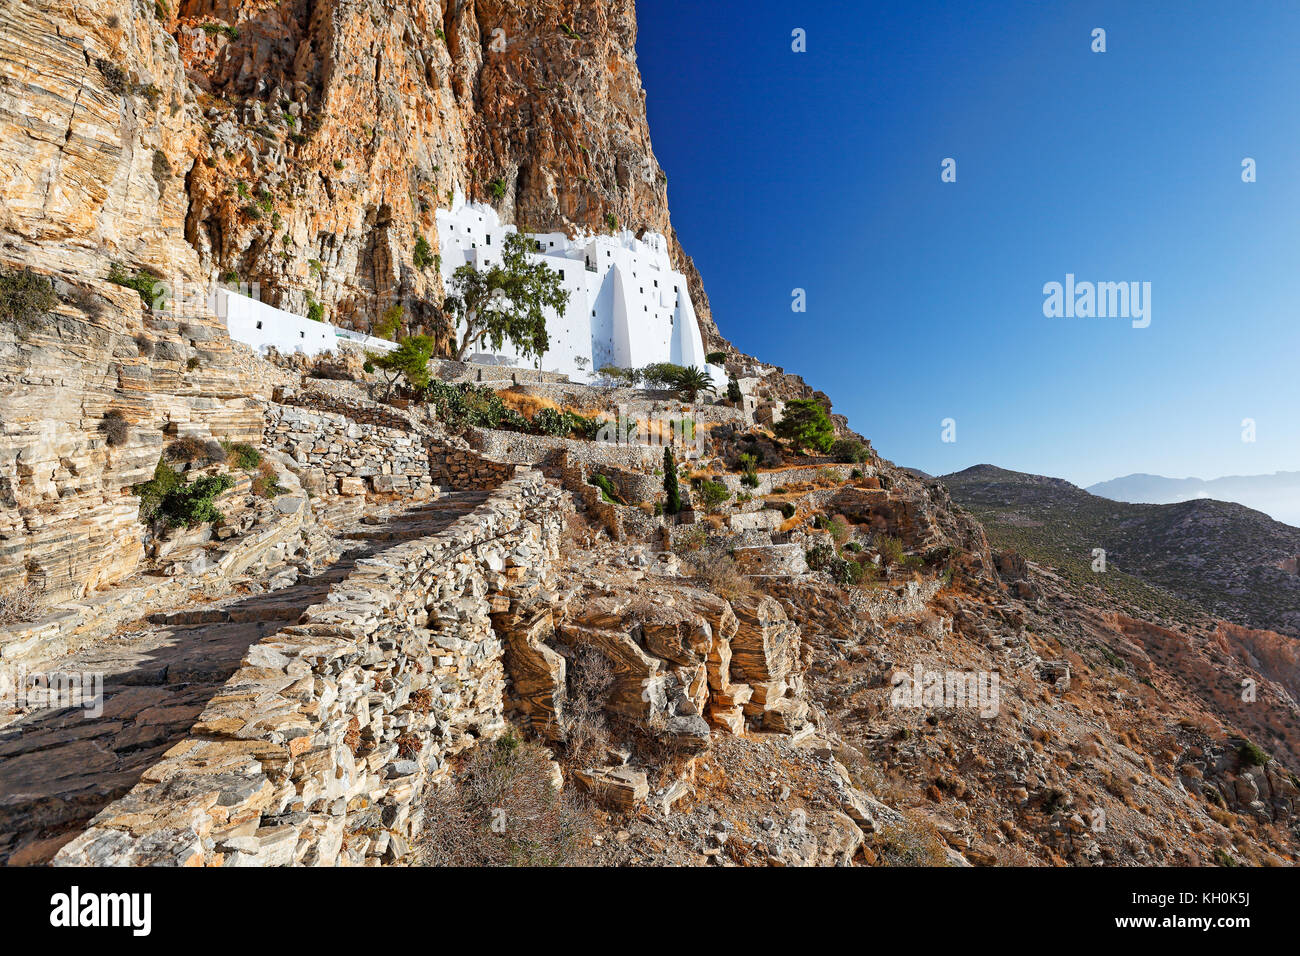 Das Kloster von Hozoviotissa in Insel Amorgos, Griechenland Stockbild